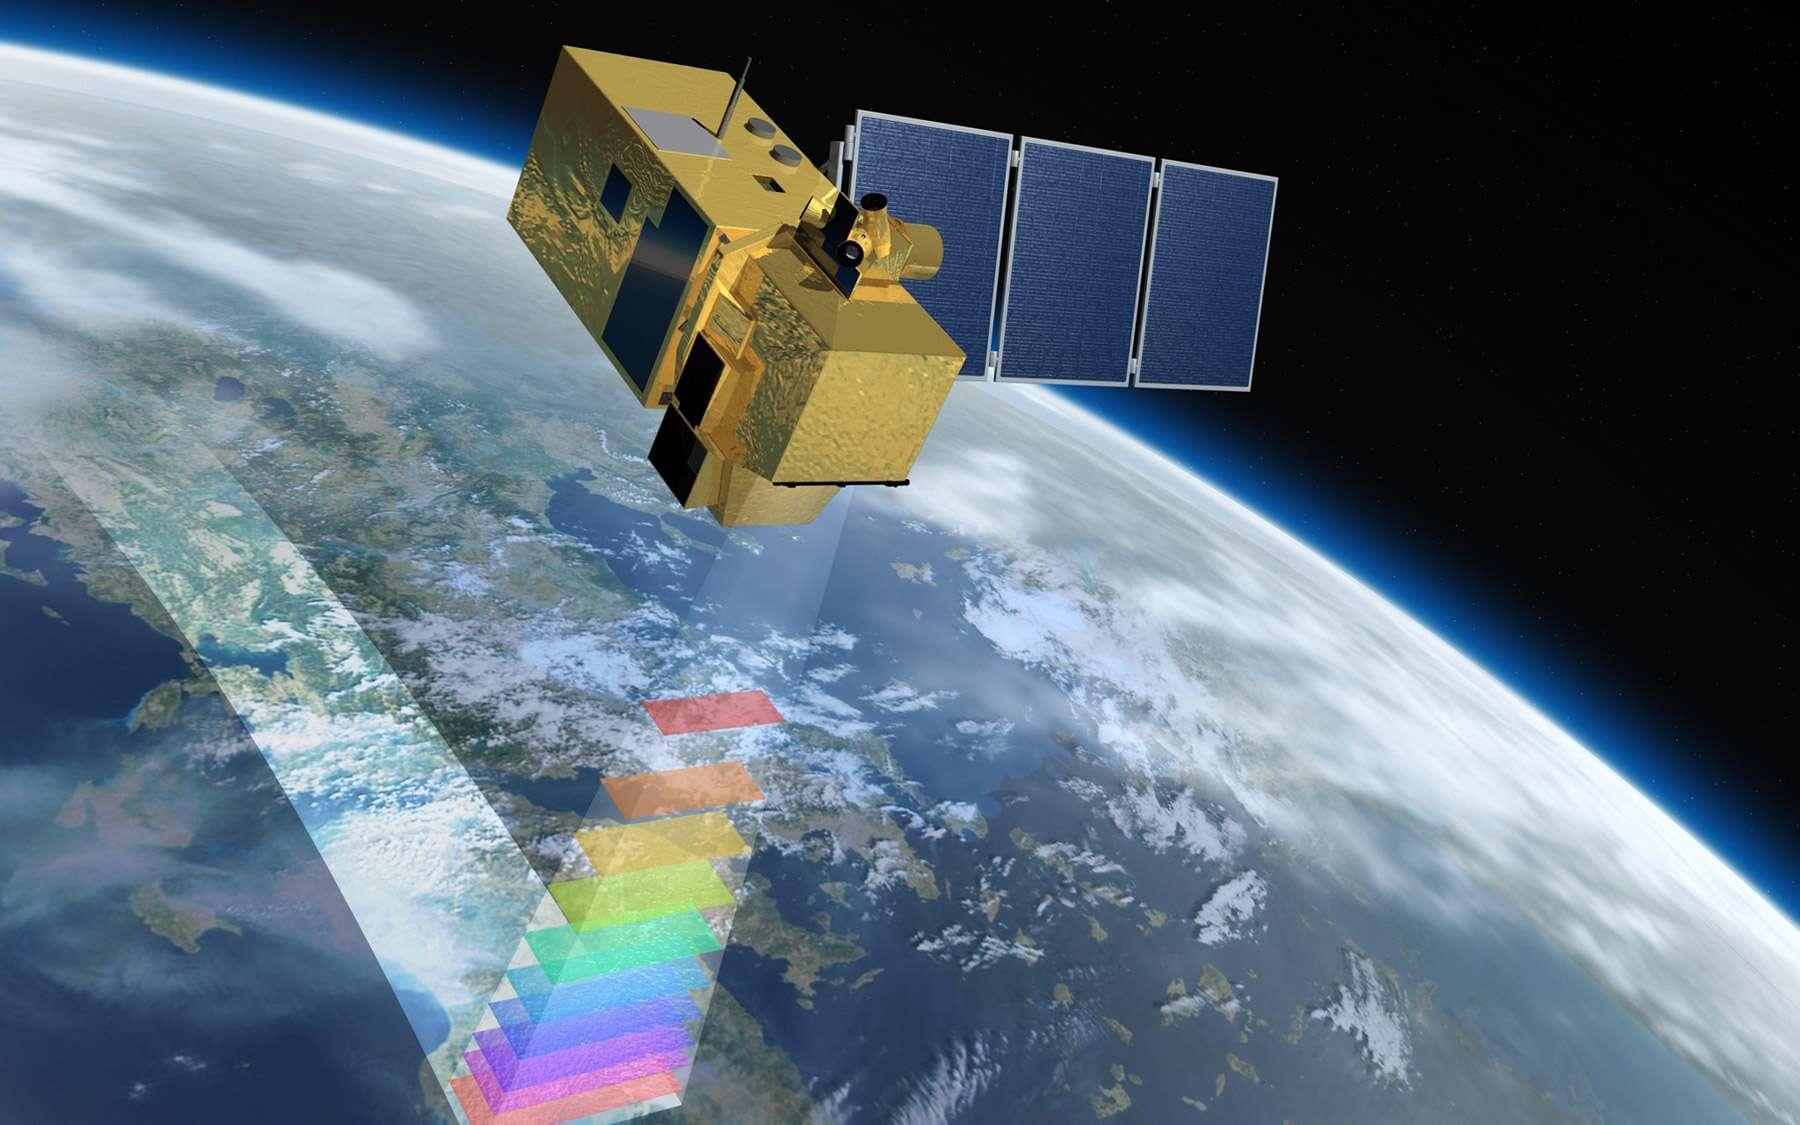 La signature du deuxième exemplaire de la série des Sentinelle-2 permettra de garantir la continuité des données au moins jusqu'en 2022. Un paramètre clé pour mieux comprendre les effets du changement climatique. Crédit Astrium